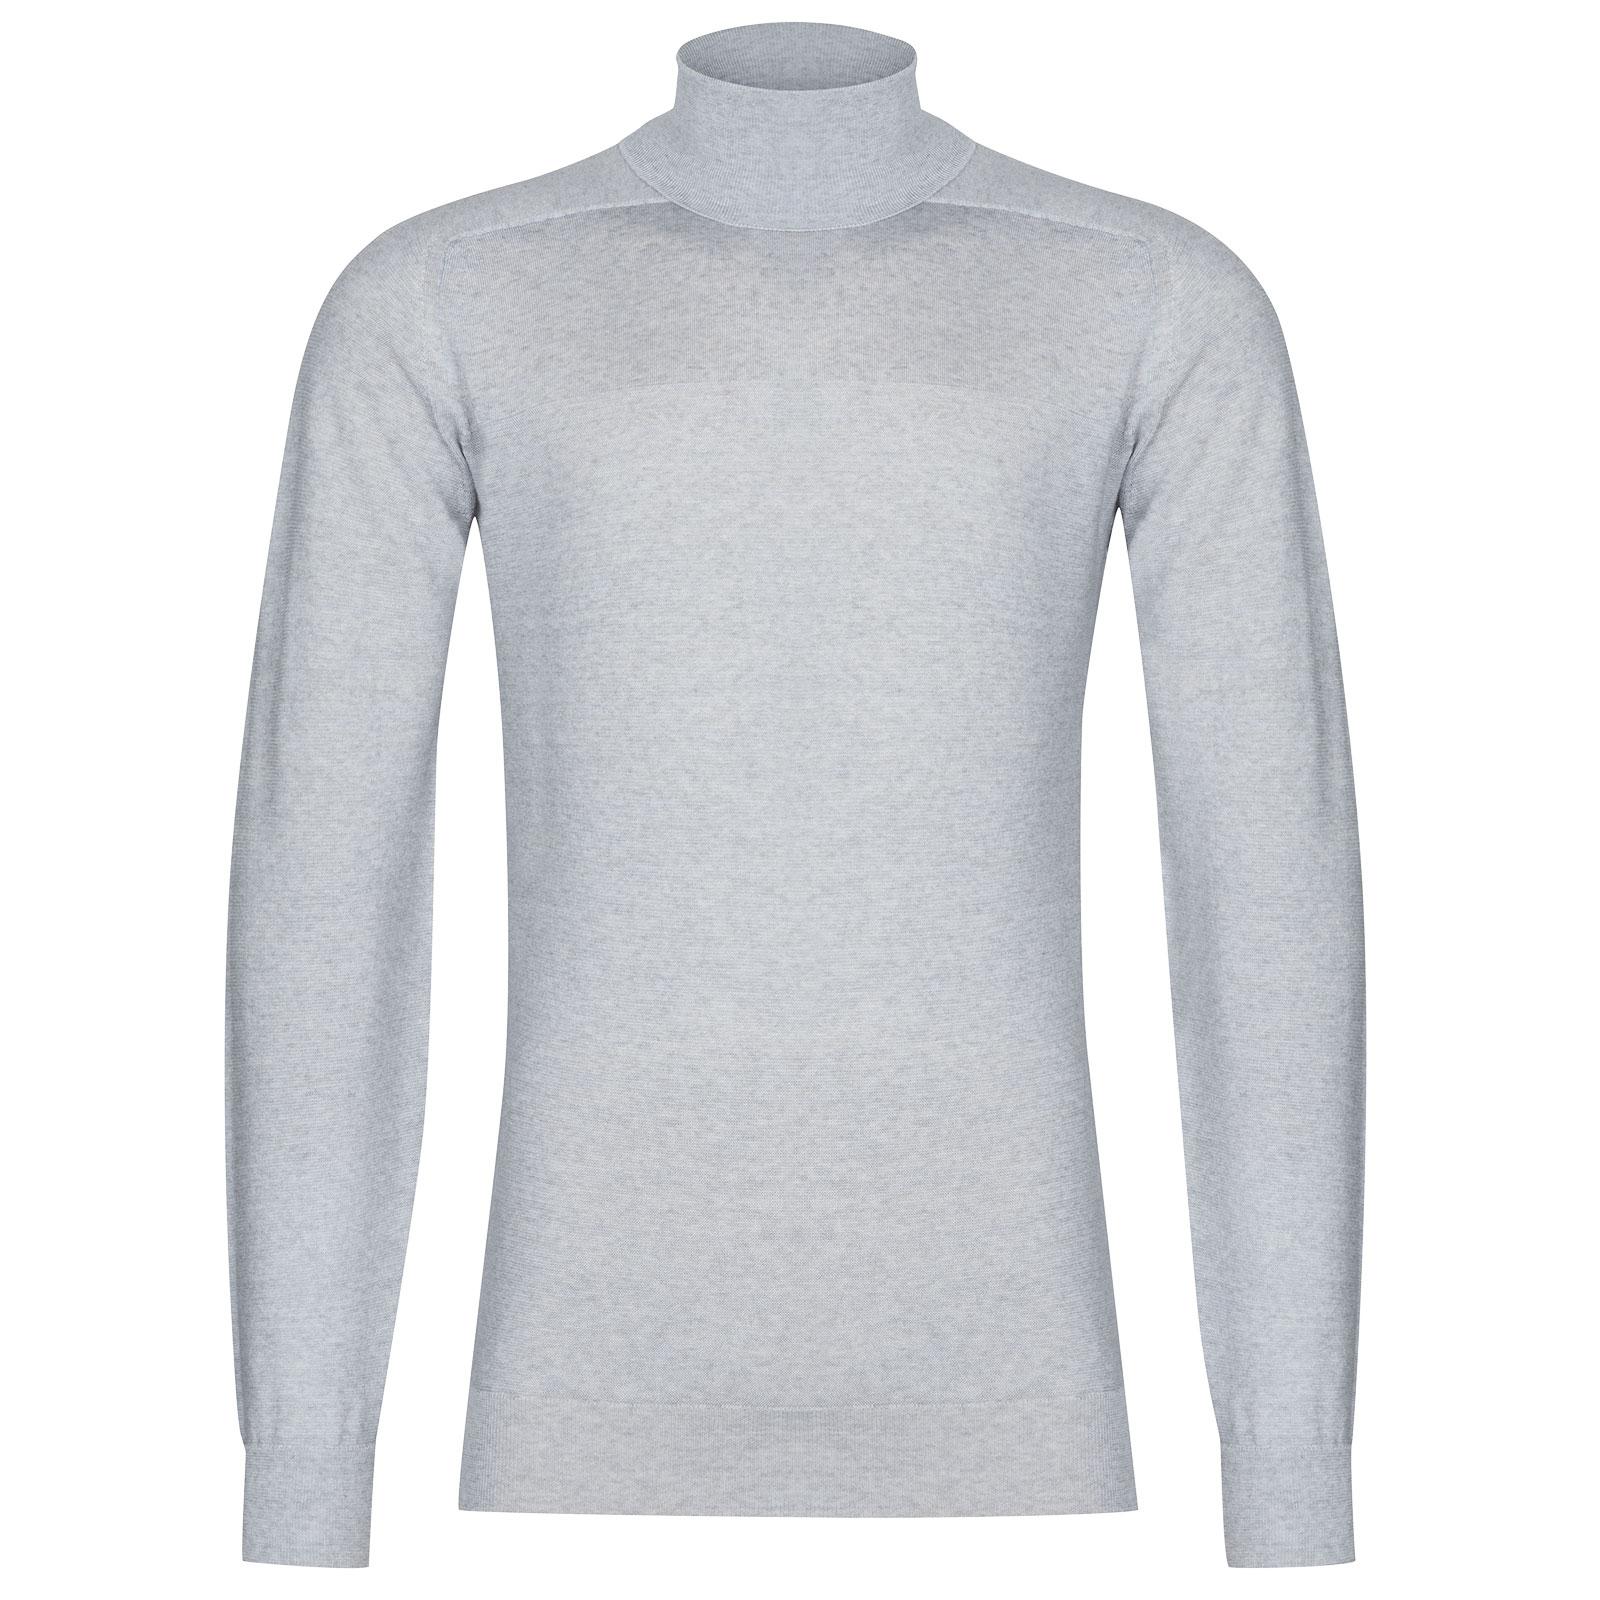 John Smedley Paxon Extra Fine Merino Pullover in Silver-M